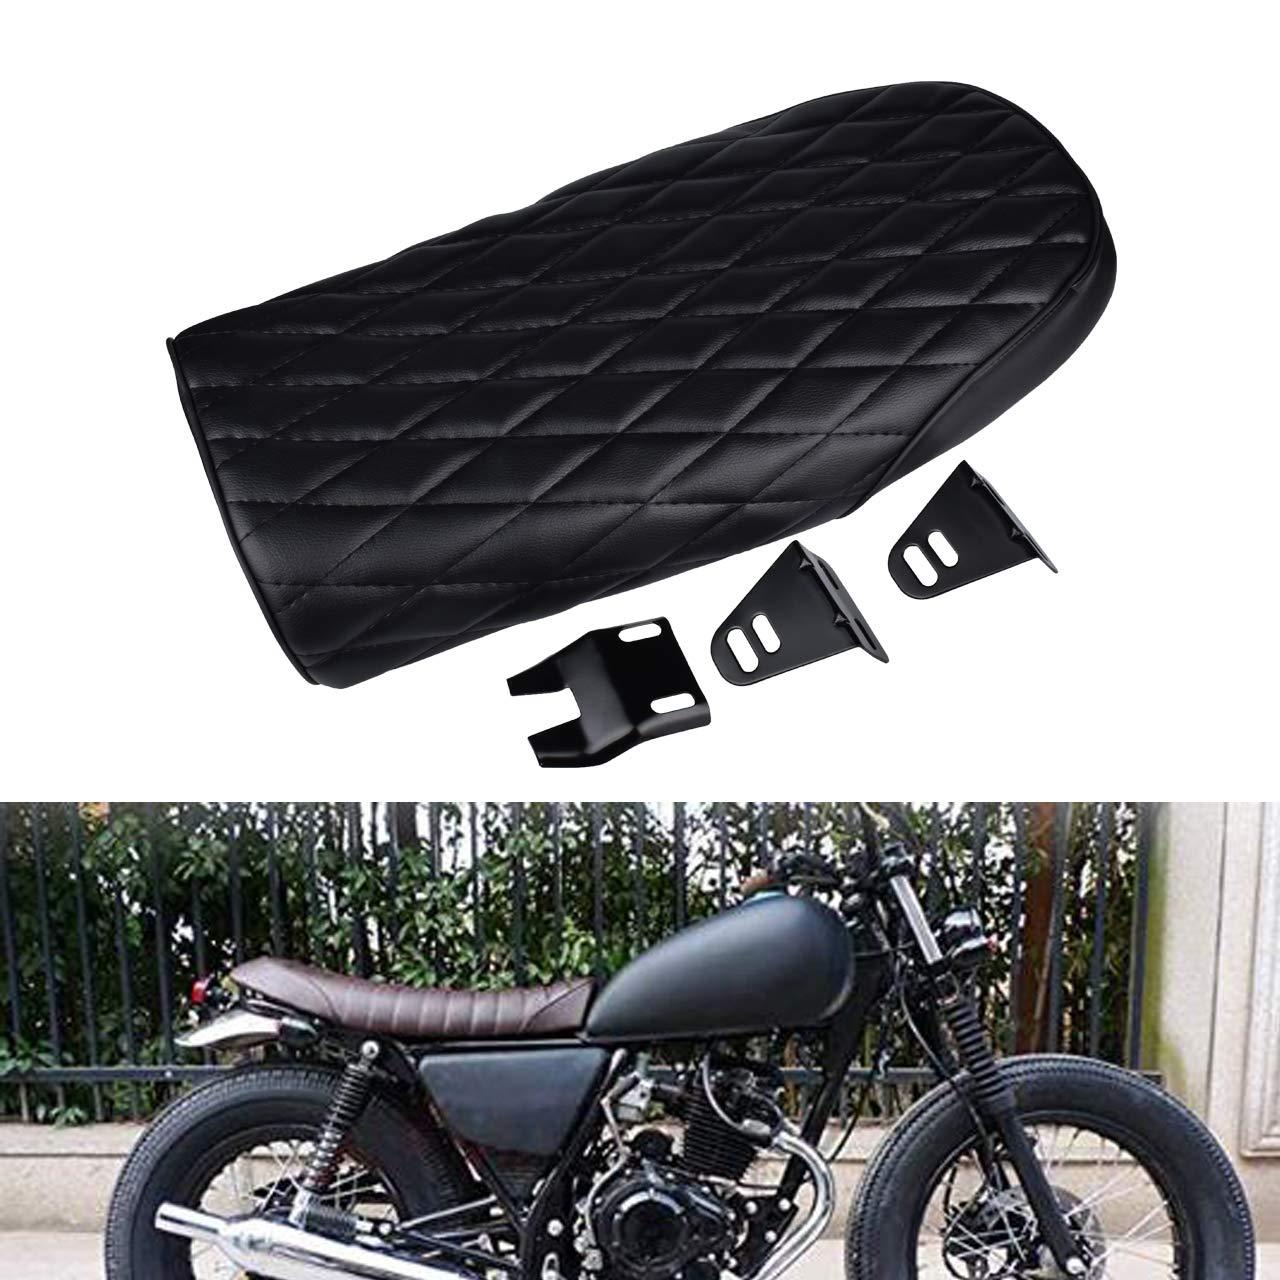 TUINCYN Moto Cafe Racer Seat ré tro Diamant Plat Brat Noir Style Coussin d'assise Selle Noir avec Filetage pour Honda (Lot de 1)